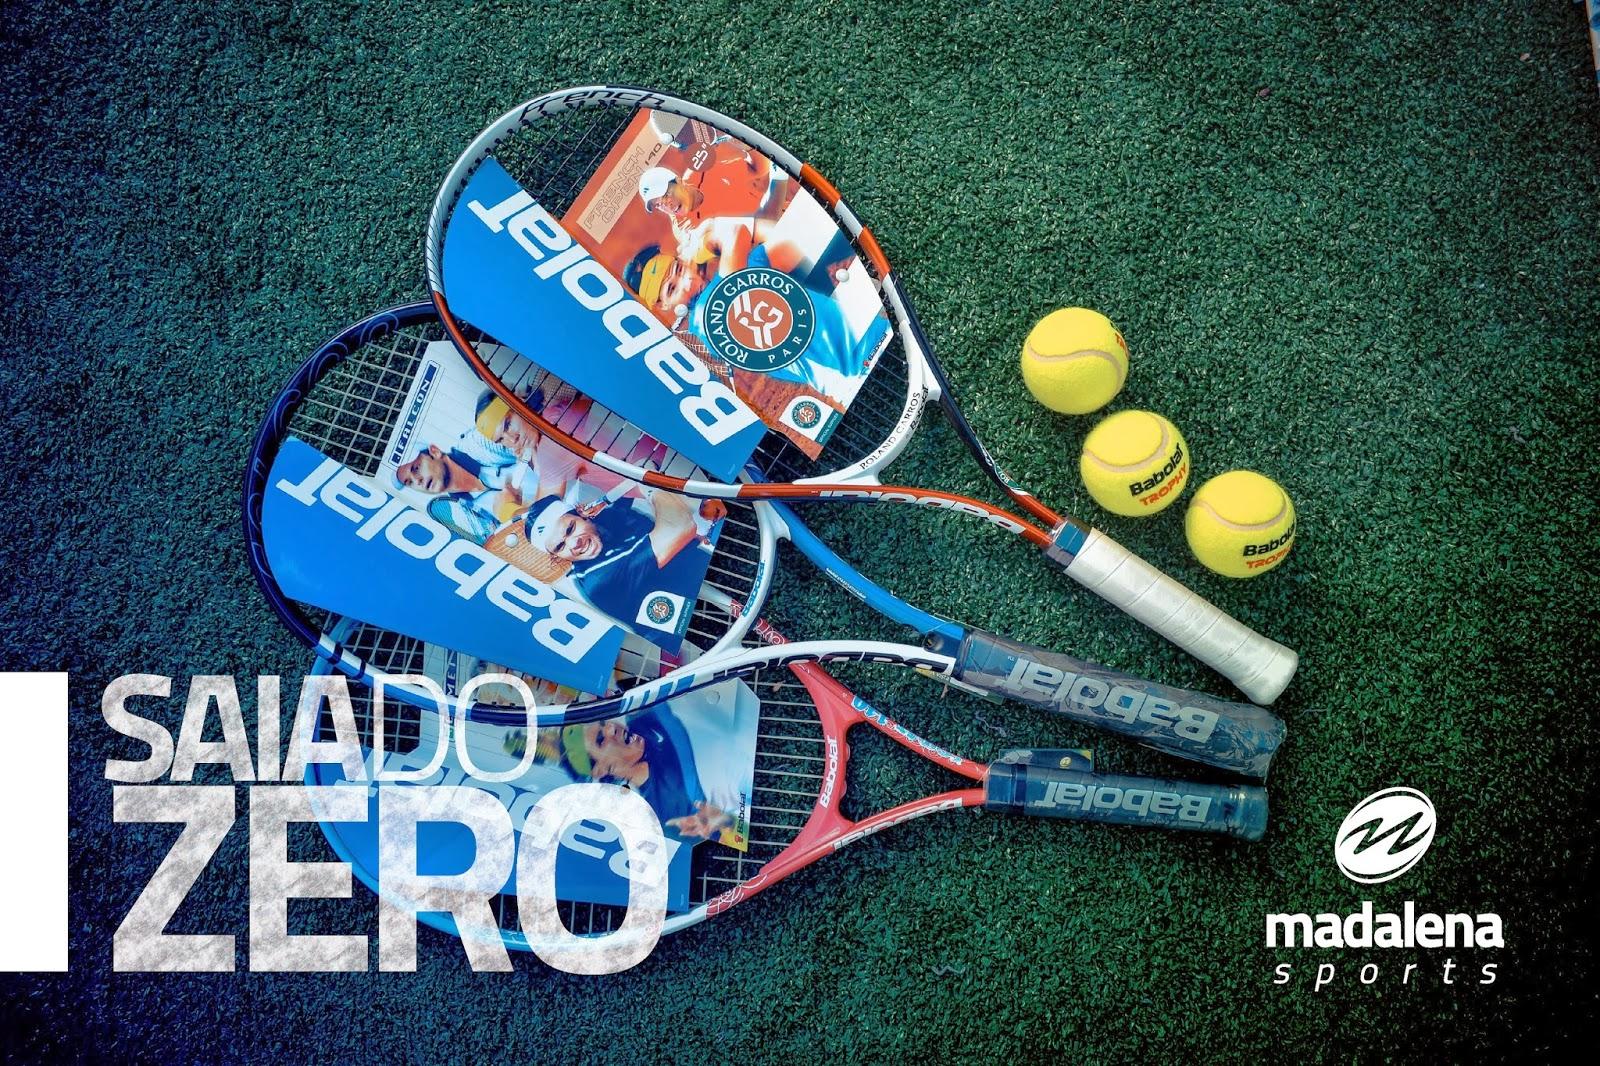 231a575b2ab O tênis é uma das atividades físicas mais completas e exige muito esforço e  dedicação do atleta. Uma das principais vantagens do esporte é que